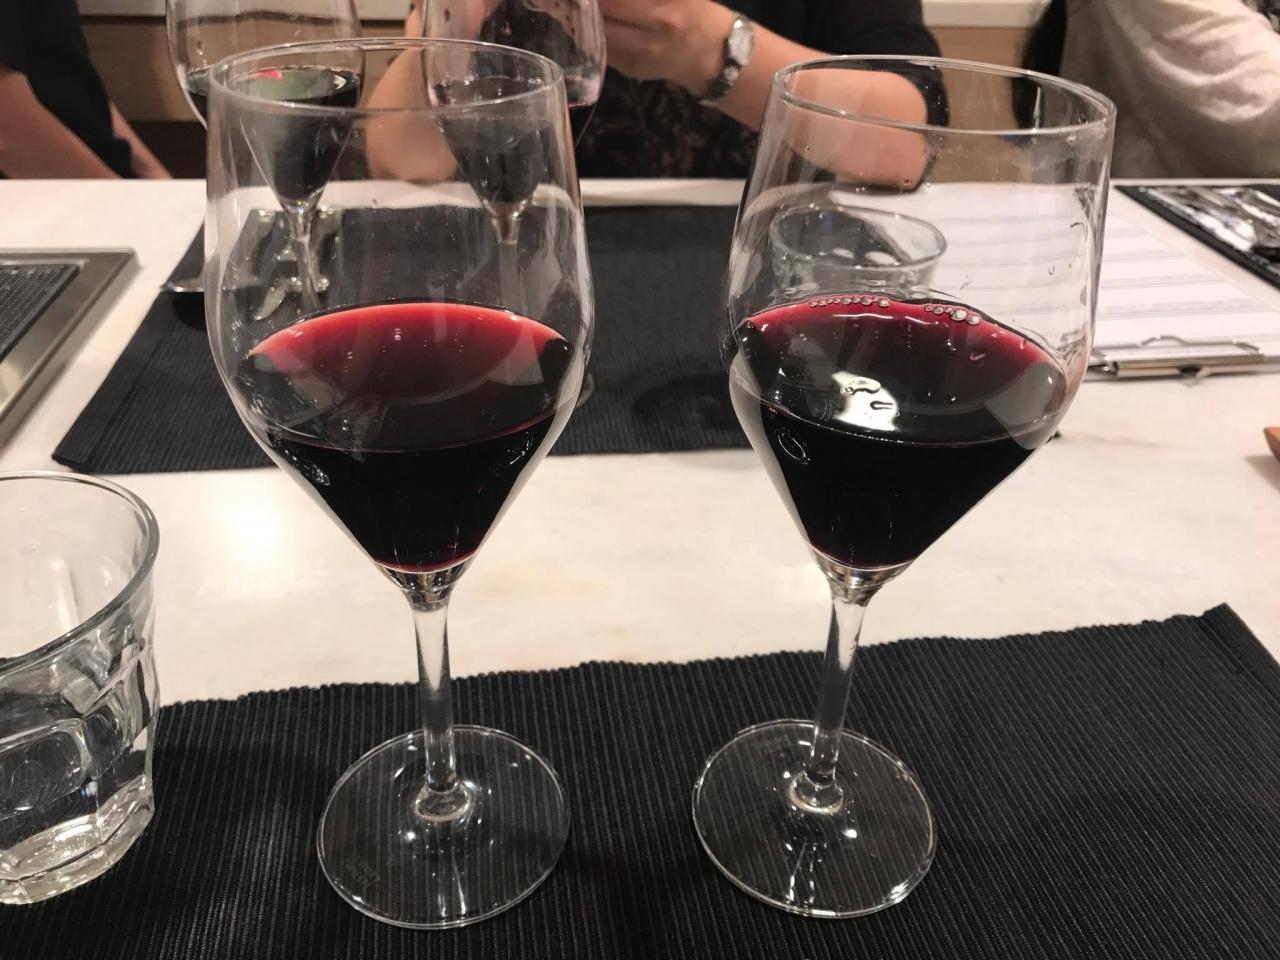 赤ワイン2種類、比べて飲むと違いが楽しめます!